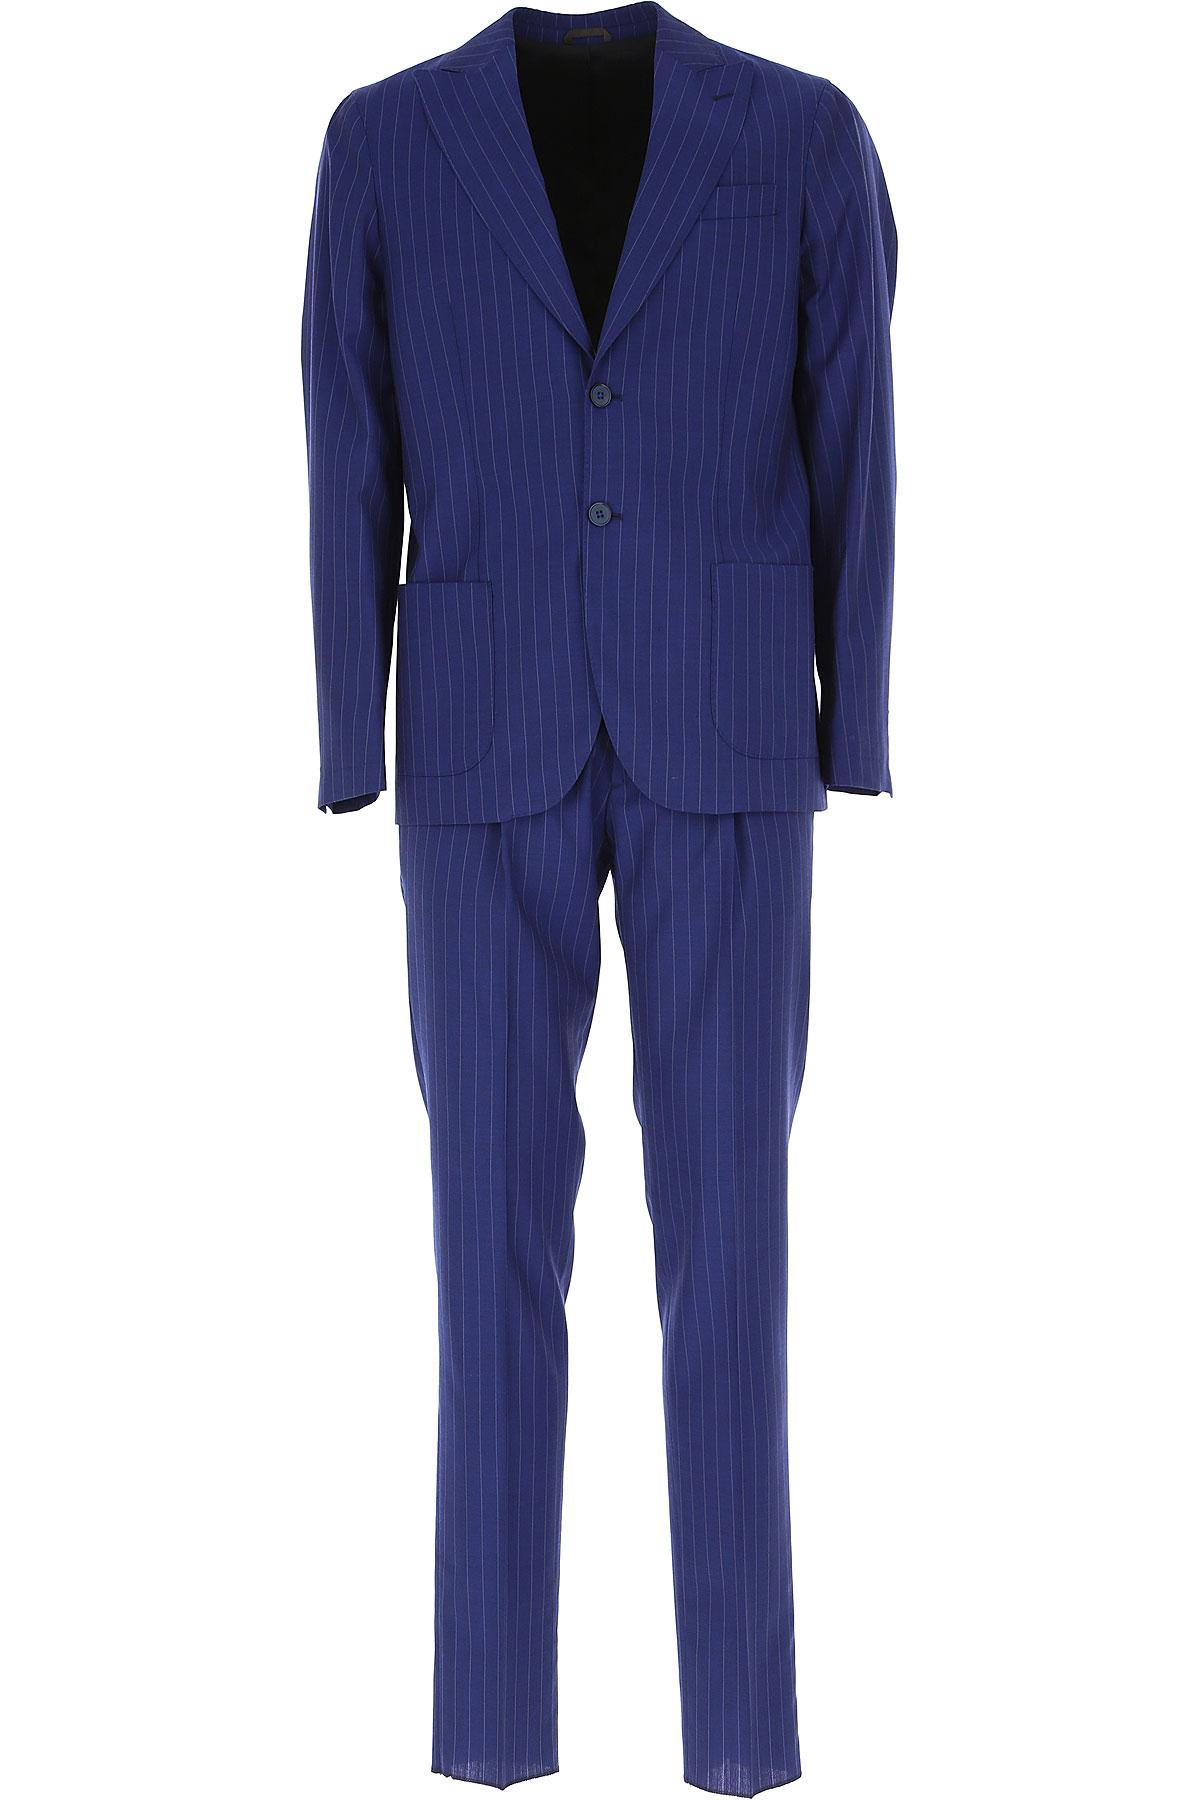 Simbols Men's Suit, Blue, Wool, 2019, L XL